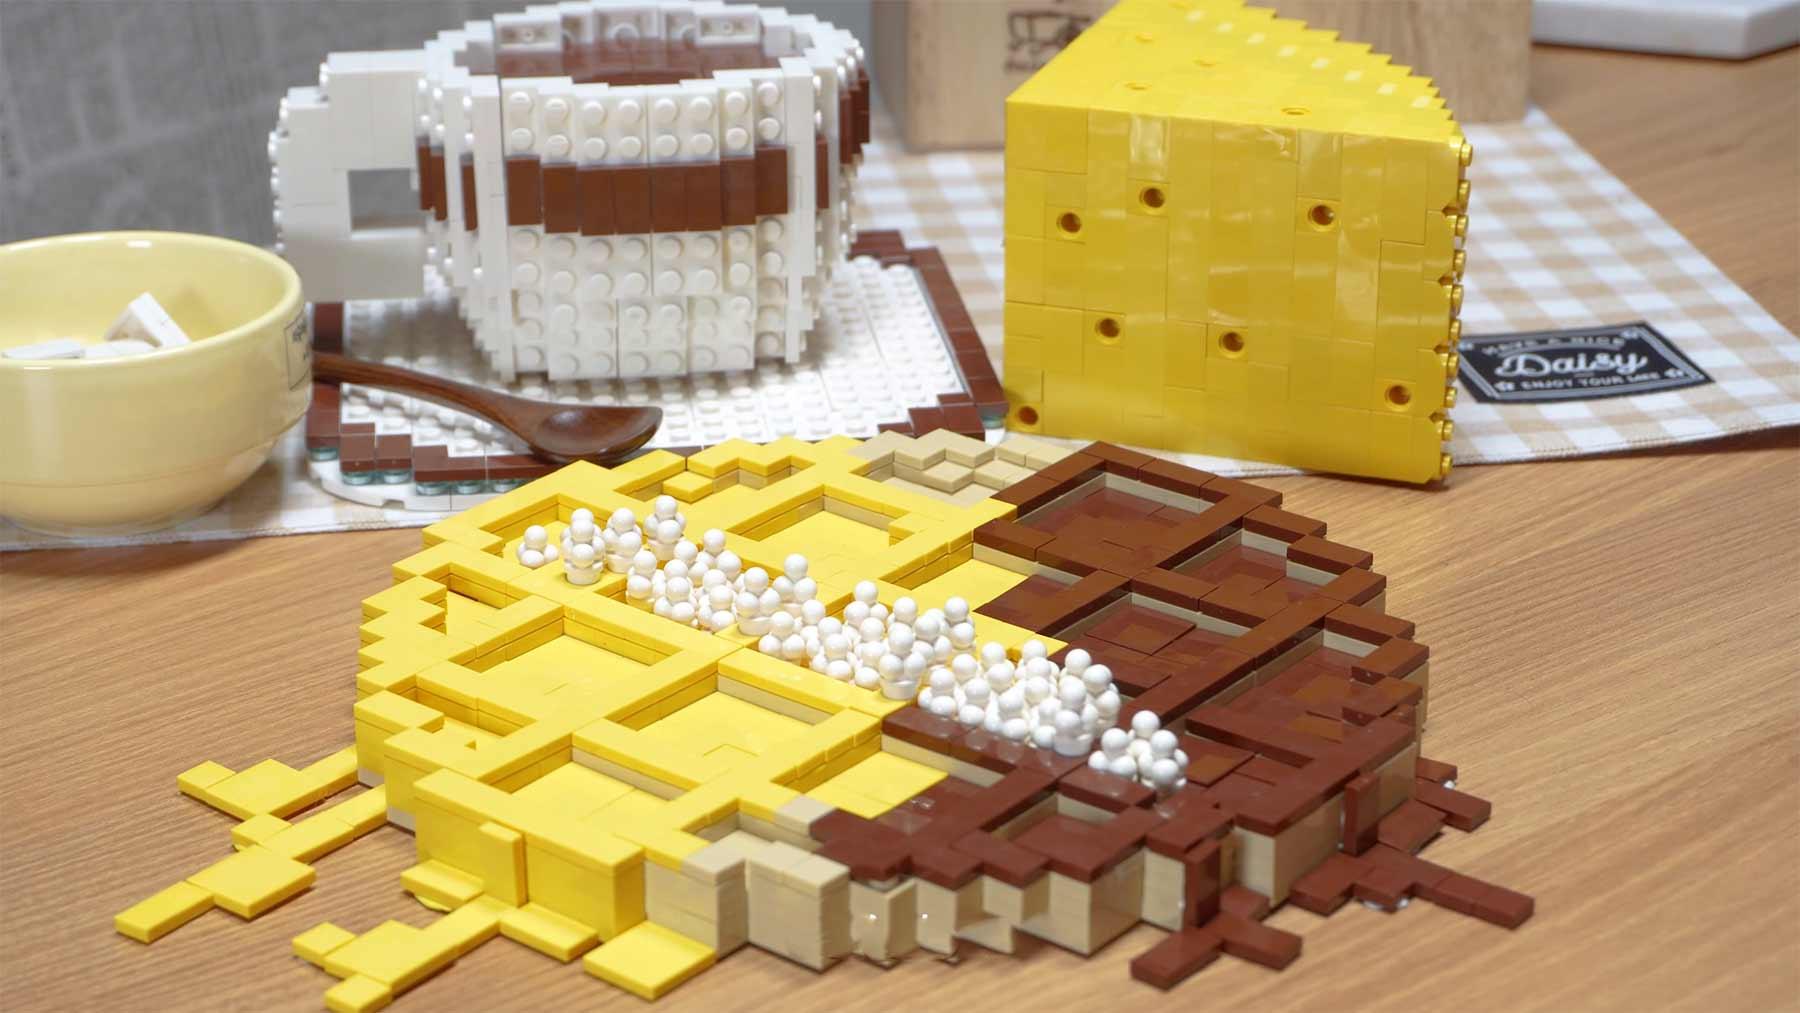 Stopmotion: Kaffee und Waffelzubereitung aus LEGO-Steinen kaffee-und-waffeln-aus-lego